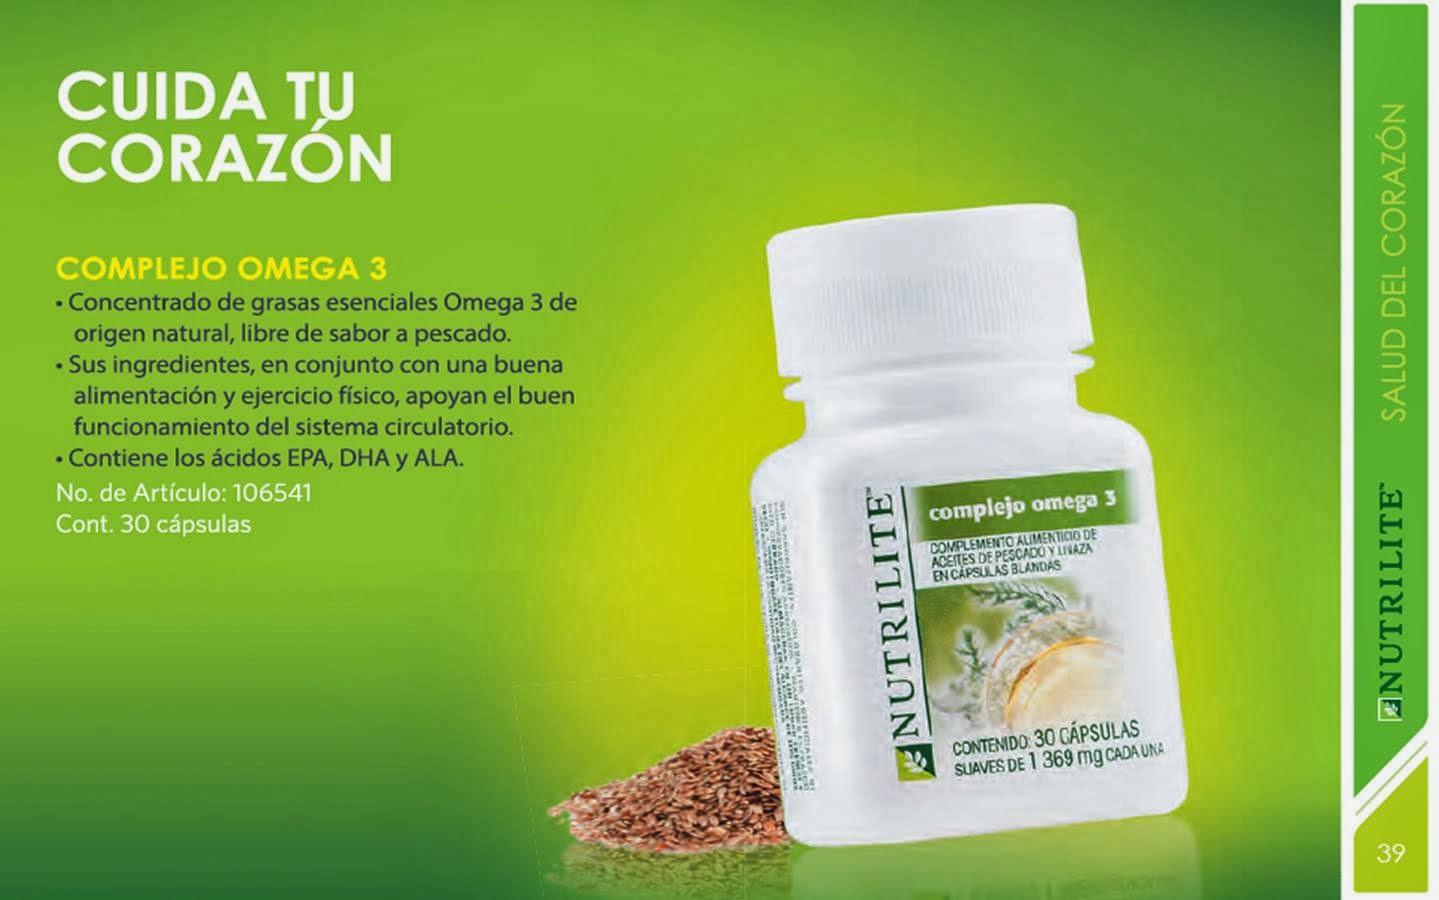 AmwayDA (Dana y Angel): Salud y Nutrición. Nutrilite